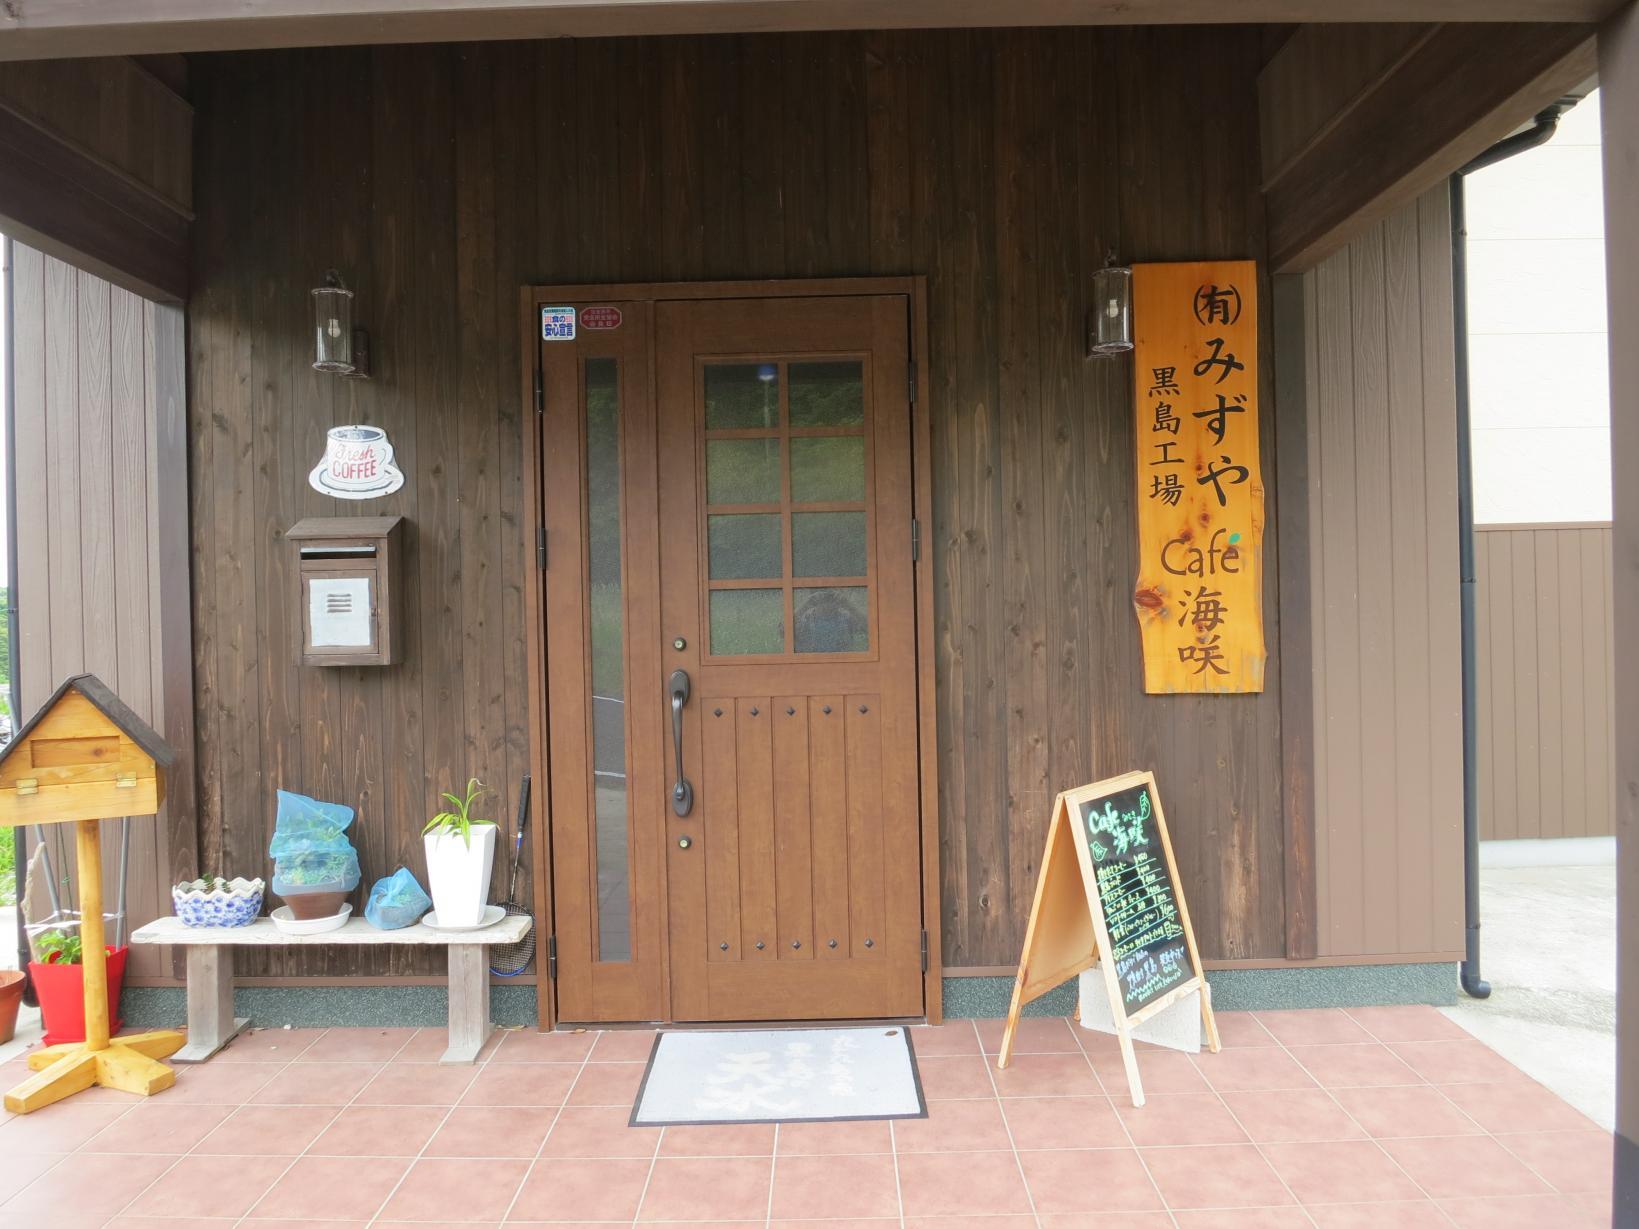 cafe海咲-1